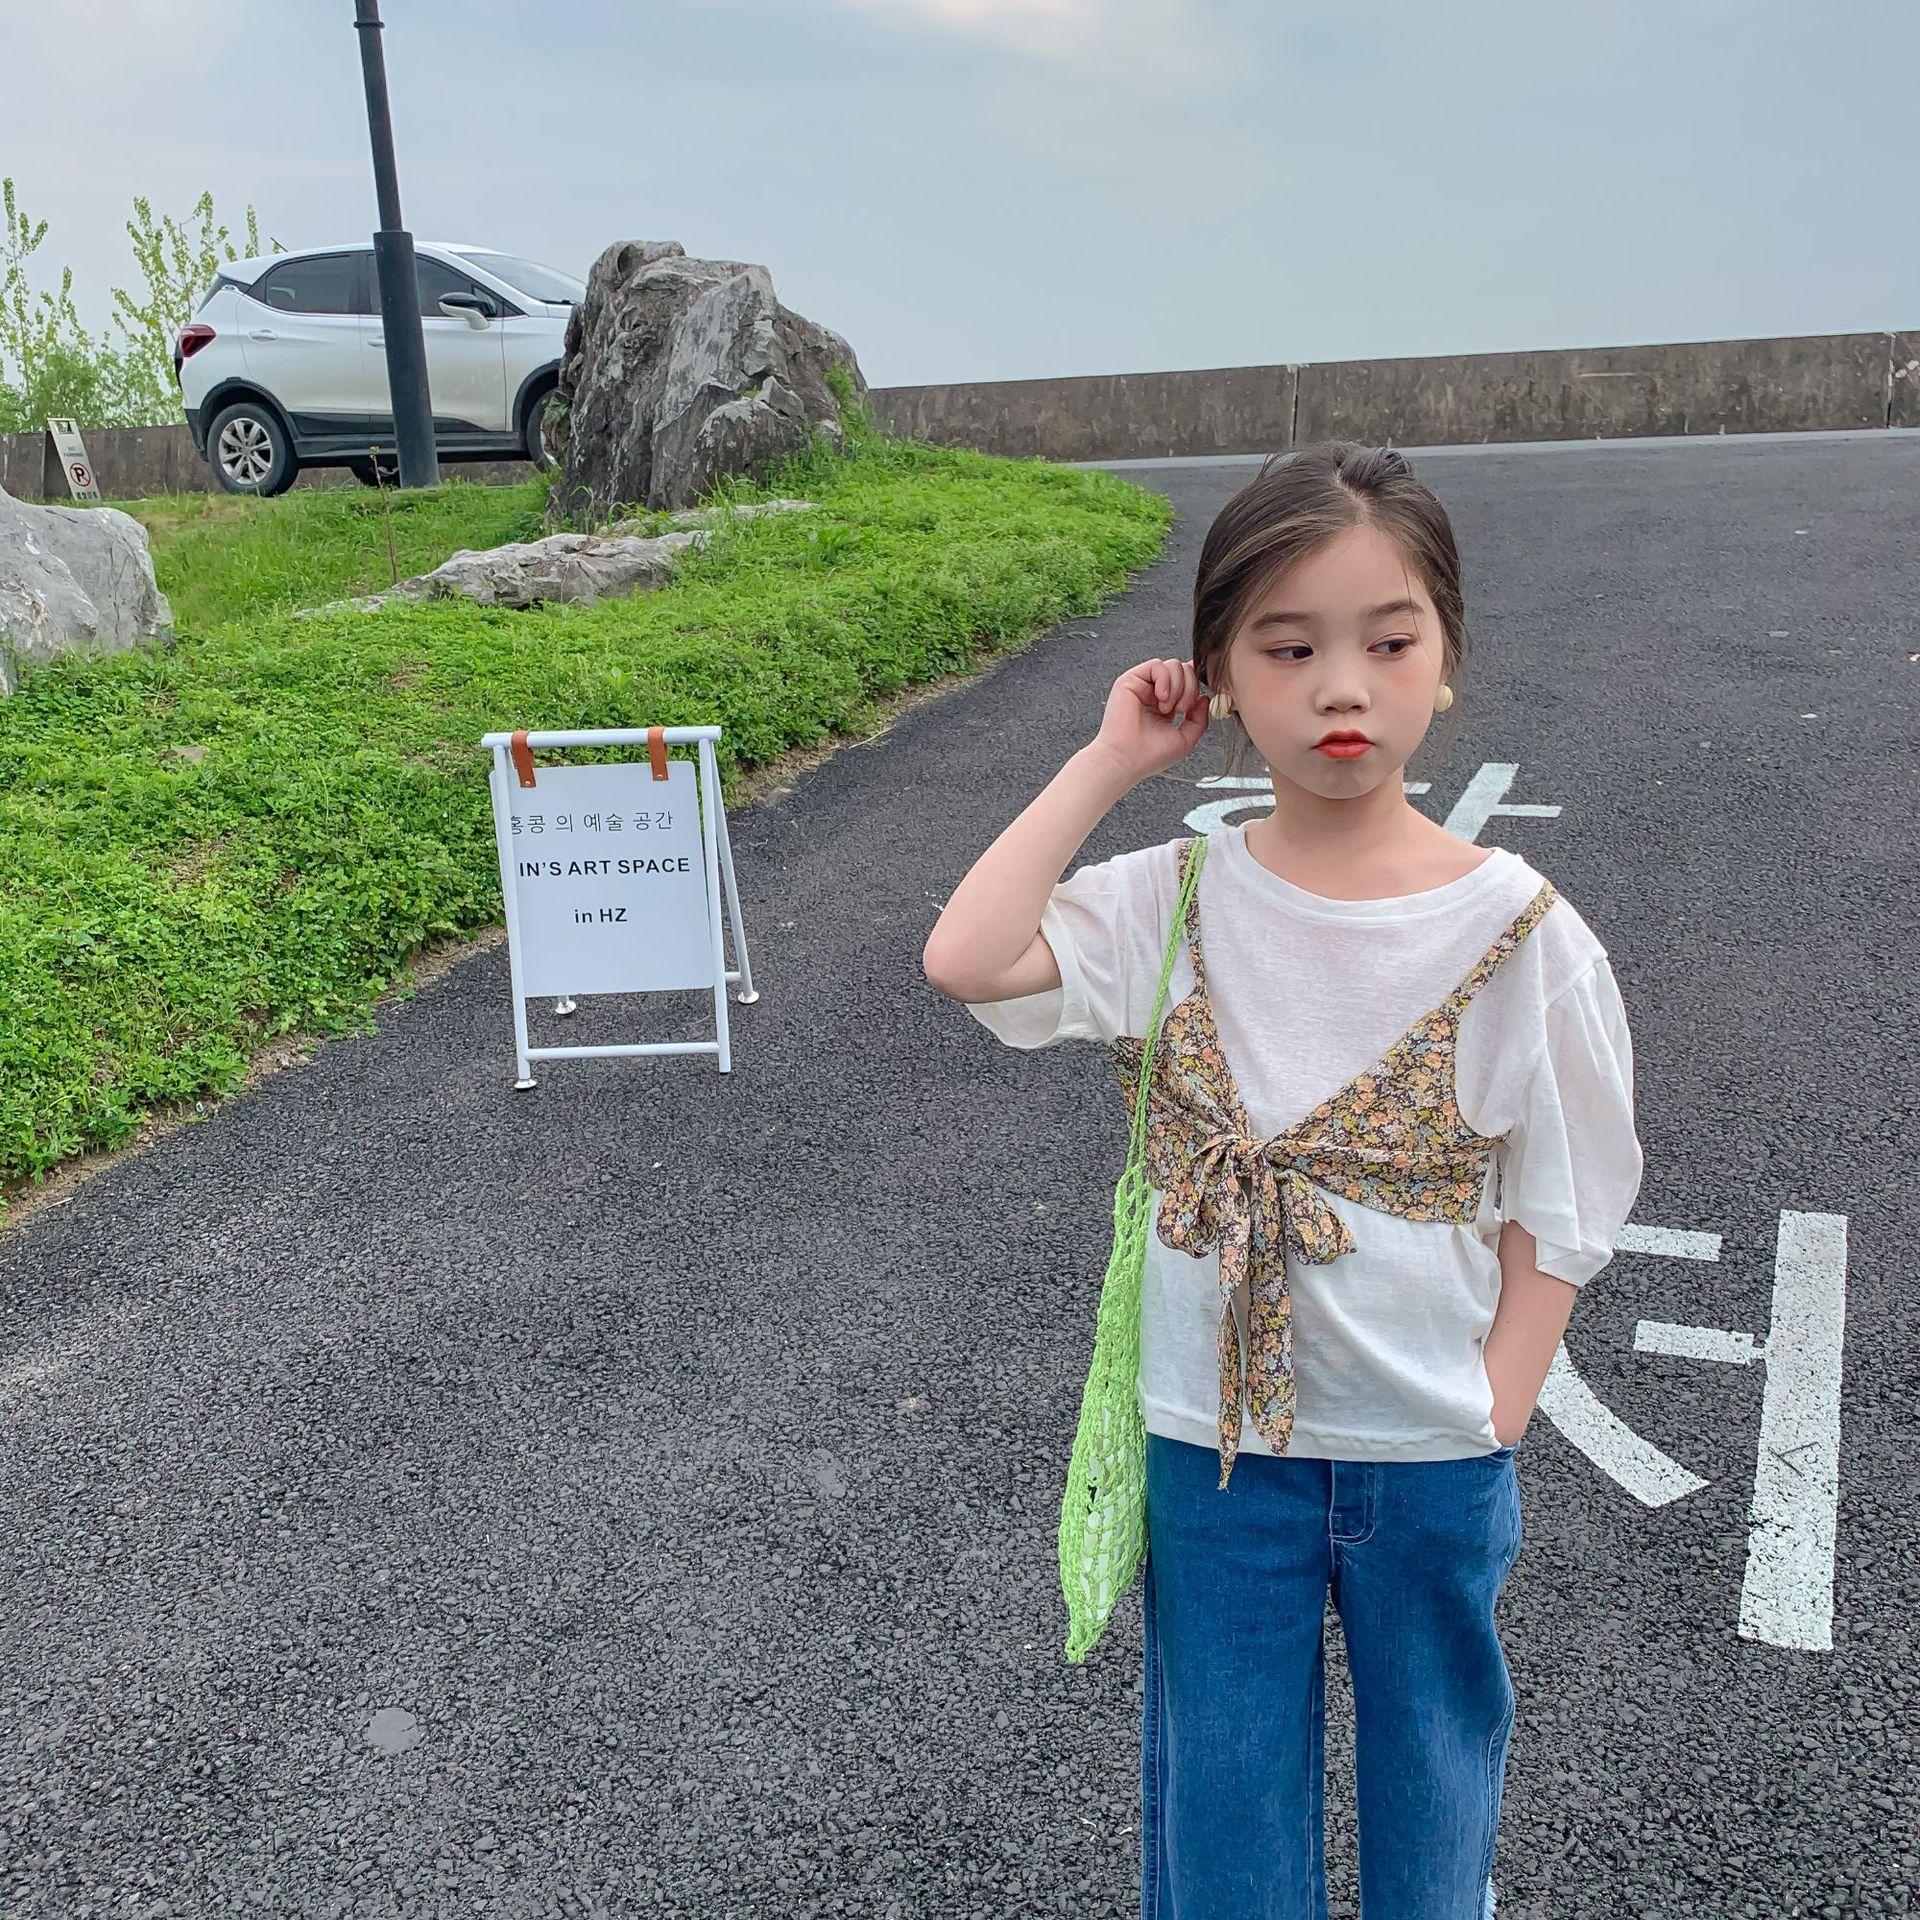 Áo Thun Kiểu Cho Bé Gái - 56T176 - Thời Trang Kids đẹp 1